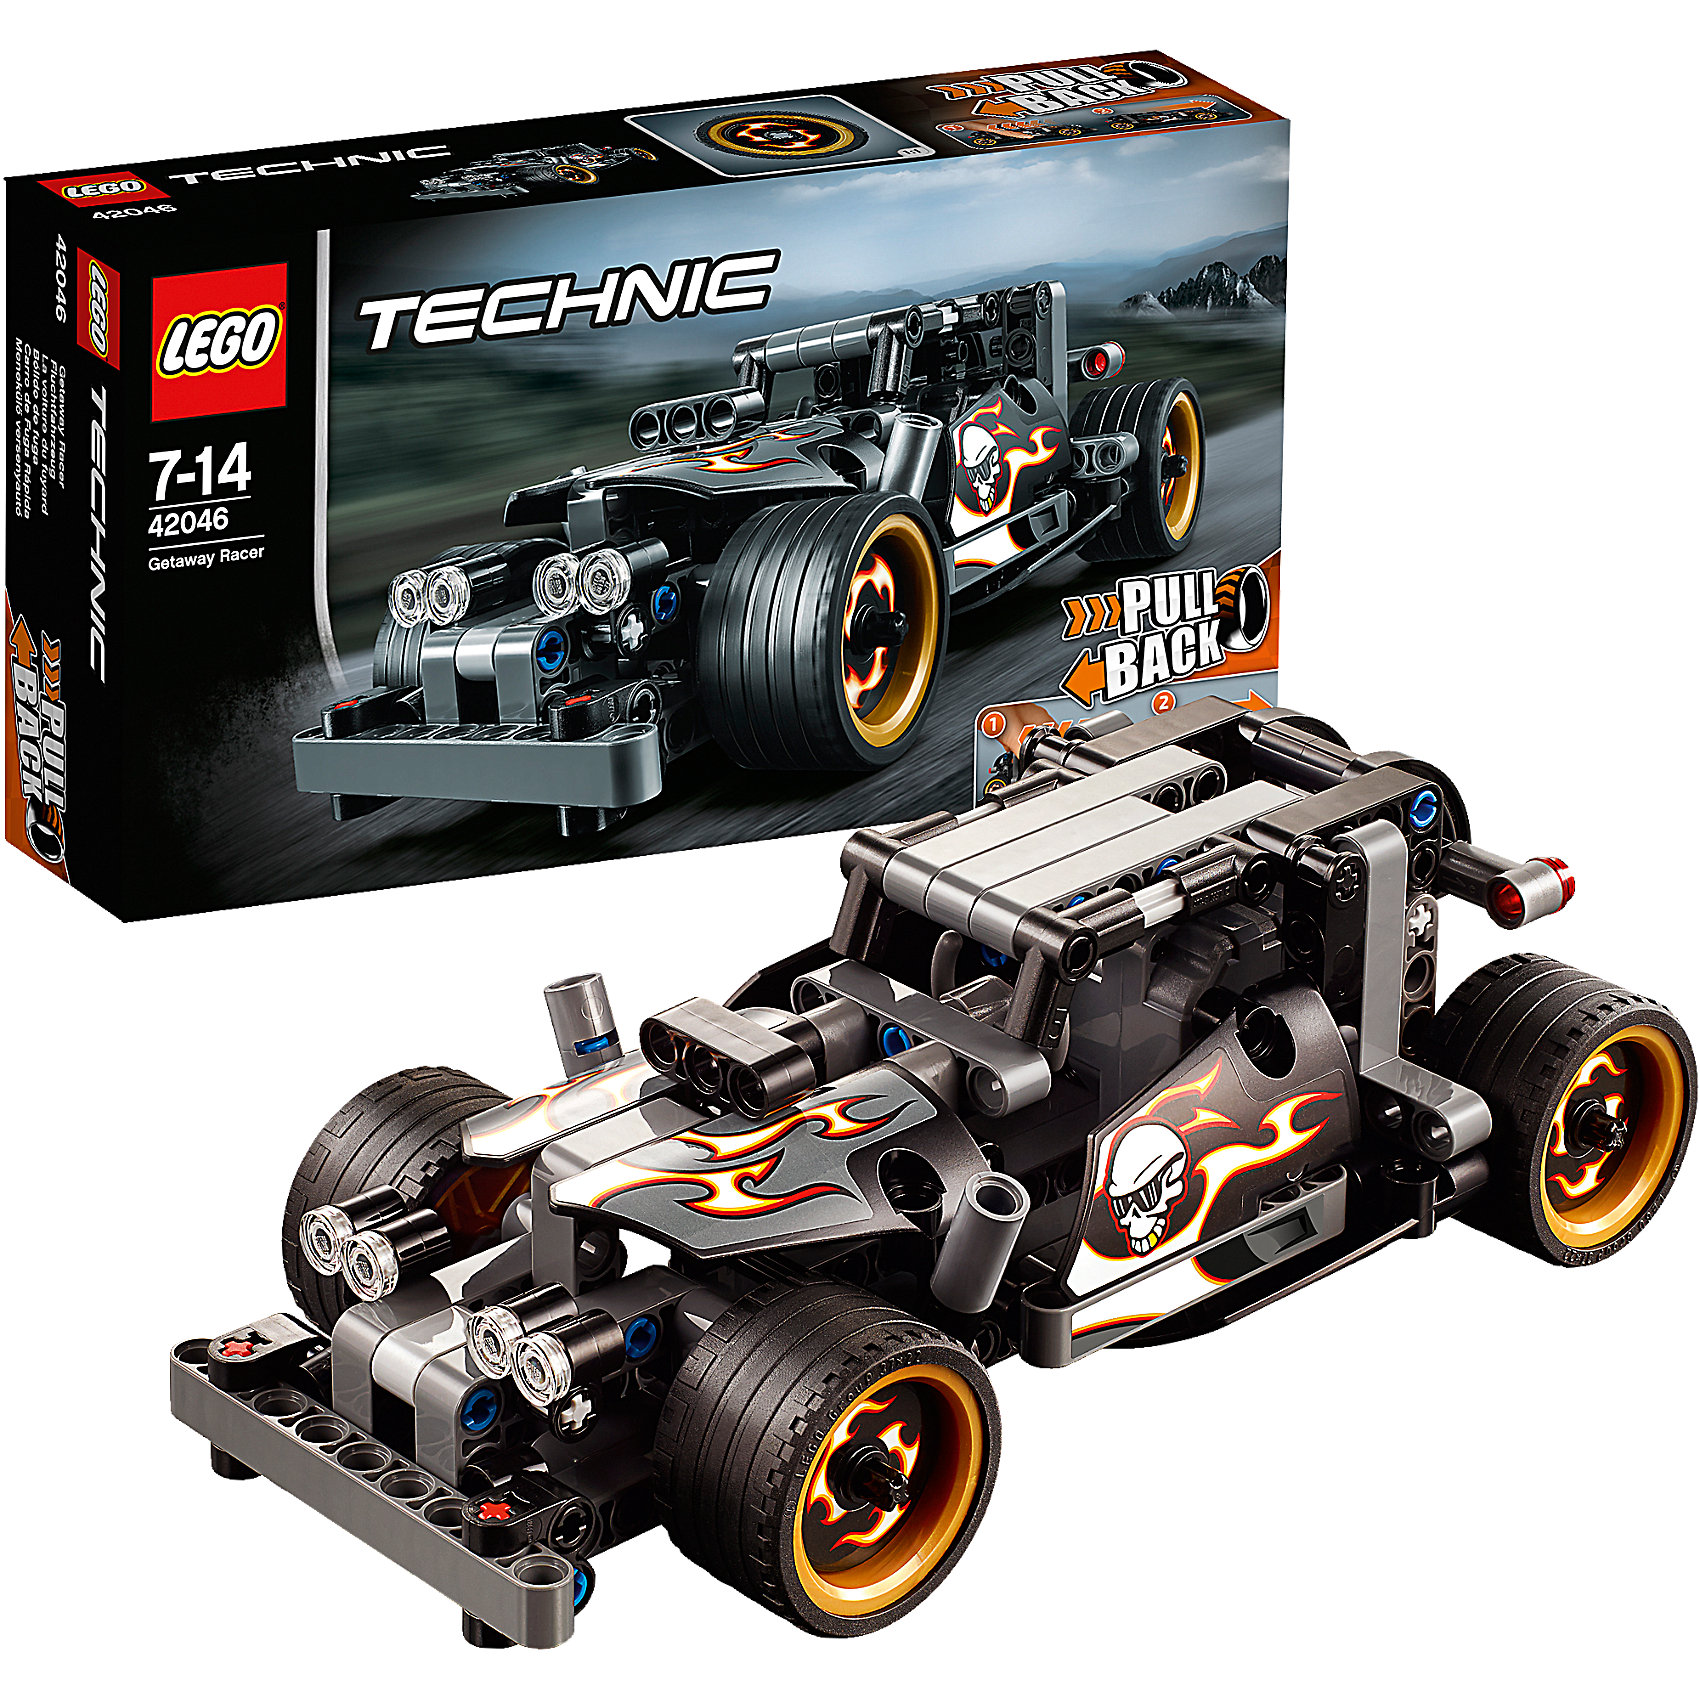 LEGO Technic 42046: Гоночный автомобиль для побегаПластмассовые конструкторы<br>Прокатись по улицам на этом крутом мощном автомобиле, оснащённом массивными экстра-широкими дисками с низкопрофильными шинами, огромными вертикальными выхлопными трубами, тяжелым передним бампером. Машина раскрашена в темно-серый и черный цвета с крутыми наклейками пламени, придающими модели грозный вид. Активируй мощный инерционный двигатель для быстрого старта!<br><br>LEGO Technic  (Лего Техник) - серия конструкторов, позволяющая собрать функциональные, подробные, прекрасно детализированные, имеющие множество подвижных узлов, транспортные средства. В этой серии найдется техника на любой вкус: тракторы и экскаваторы, внедорожники и квадроциклы, самосвалы и гоночные автомобили. Даже самые простые из конструкторов lego technic дают вашему ребенку представление о том, как устроены машины, помогают развить моторику, мышление и умение работать по инструкции. <br><br>Дополнительная информация:<br><br>- Конструкторы ЛЕГО развивают усидчивость, внимание, фантазию и мелкую моторику. <br>- Комплектация: автомобиль.<br>- Количество деталей: 170.<br>- Серия LEGO Technic  (Лего Техник).<br>- Материал: пластик.<br>- Размер упаковки: 26х6х14 см.<br>- Вес: 0.3 кг.<br><br>LEGO Technic 42046: Гоночный автомобиль для побега можно купить в нашем магазине.<br><br>Ширина мм: 265<br>Глубина мм: 144<br>Высота мм: 63<br>Вес г: 301<br>Возраст от месяцев: 84<br>Возраст до месяцев: 168<br>Пол: Мужской<br>Возраст: Детский<br>SKU: 4259019